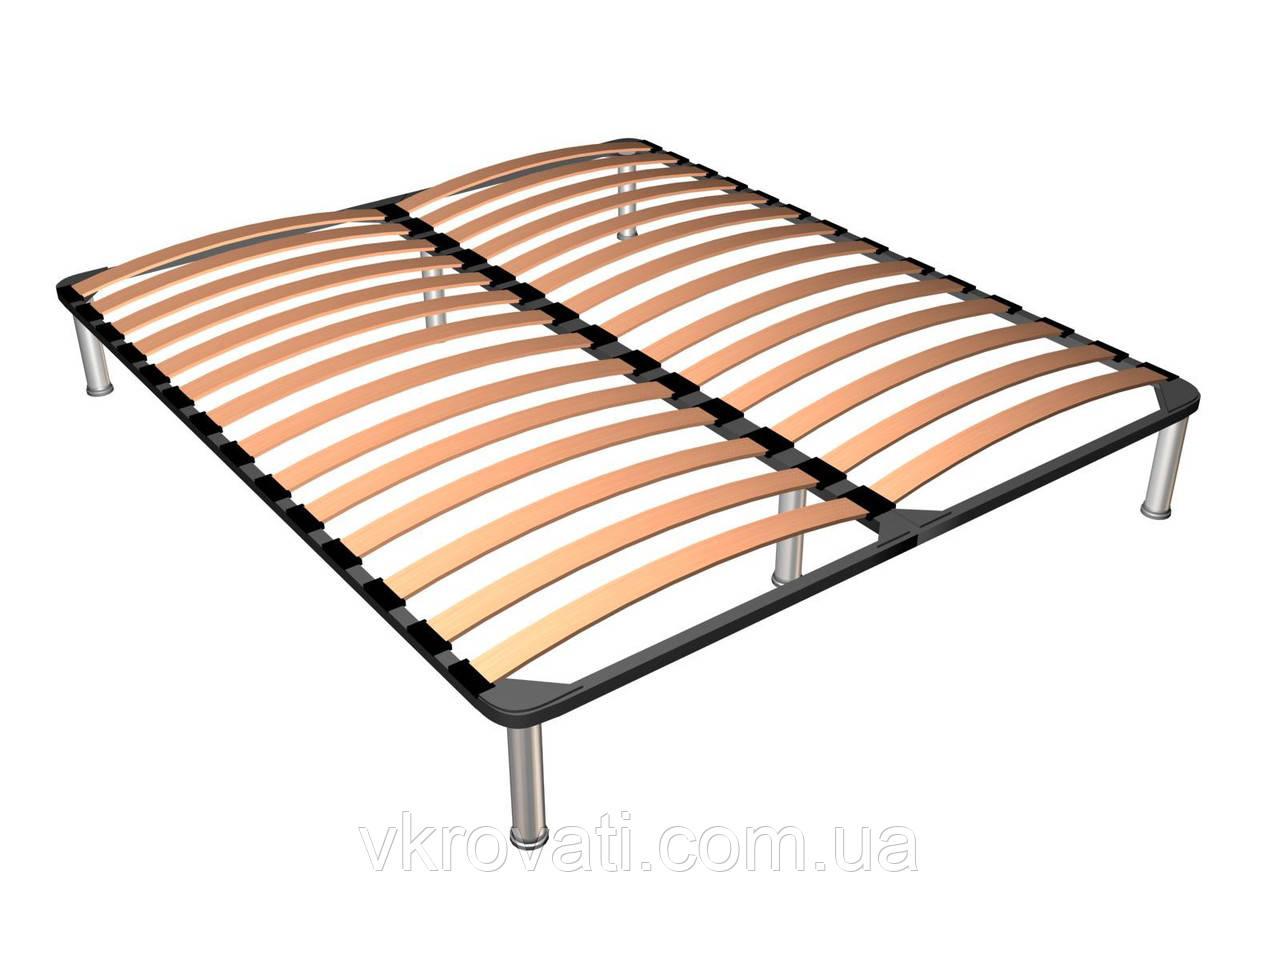 Каркас кровати 140*200 стандартный с ножками